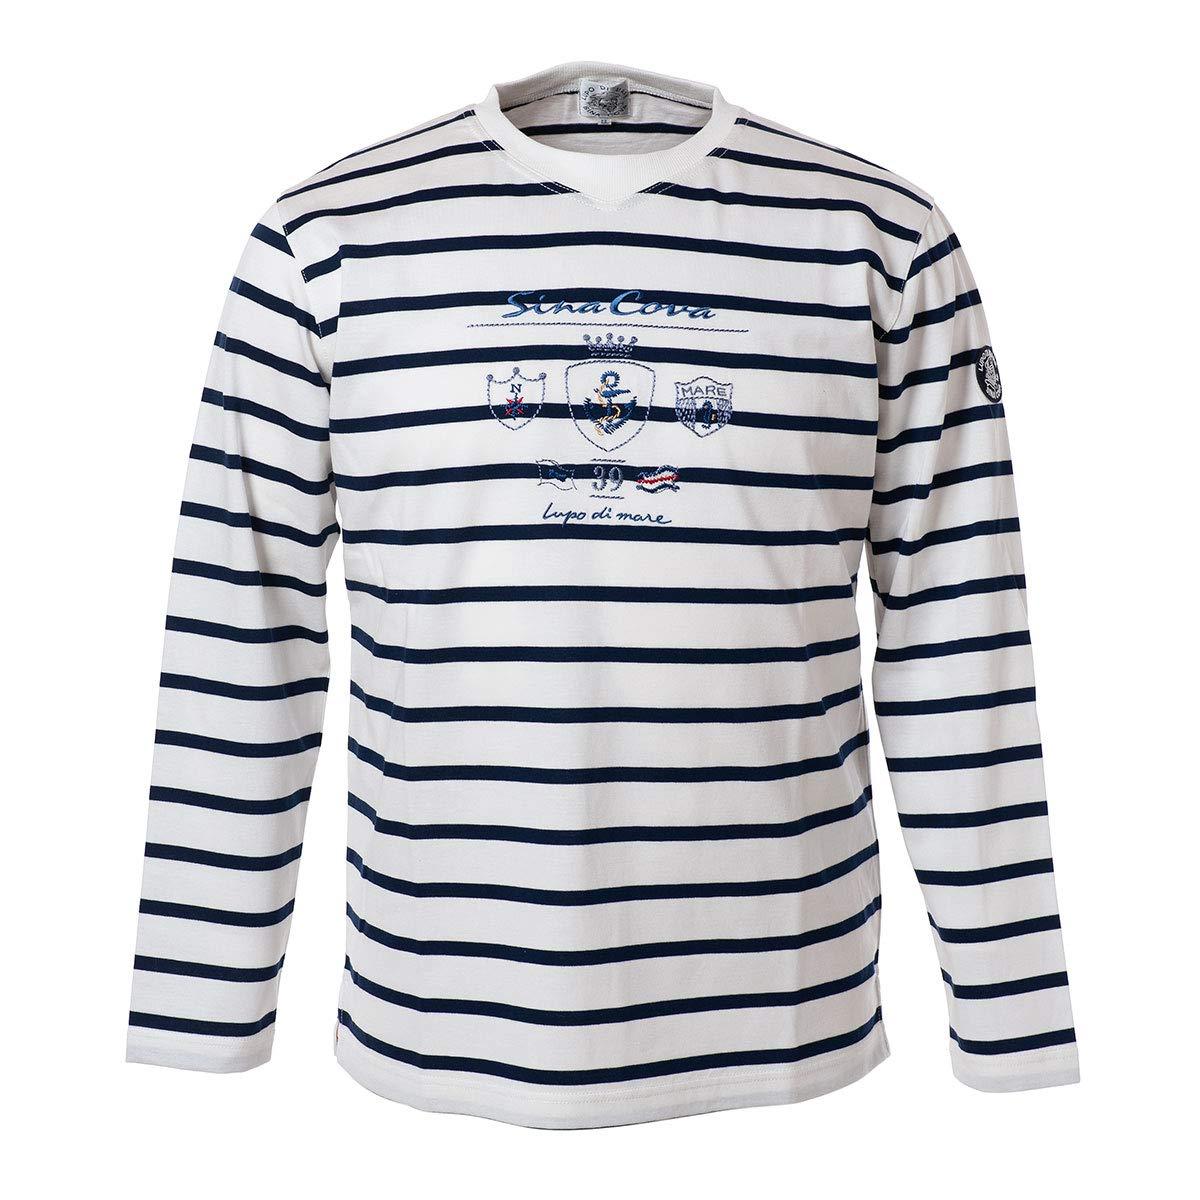 (シナコバ) SINA COVA 長袖Tシャツ ロングスリーブTシャツ ロングT ロンT クルーネックTシャツ カットソー 綿×レーヨン 天竺 ボーダー メンズ マリンウェア ゴルフウェア 19110030 LL  B07PXQ35LV